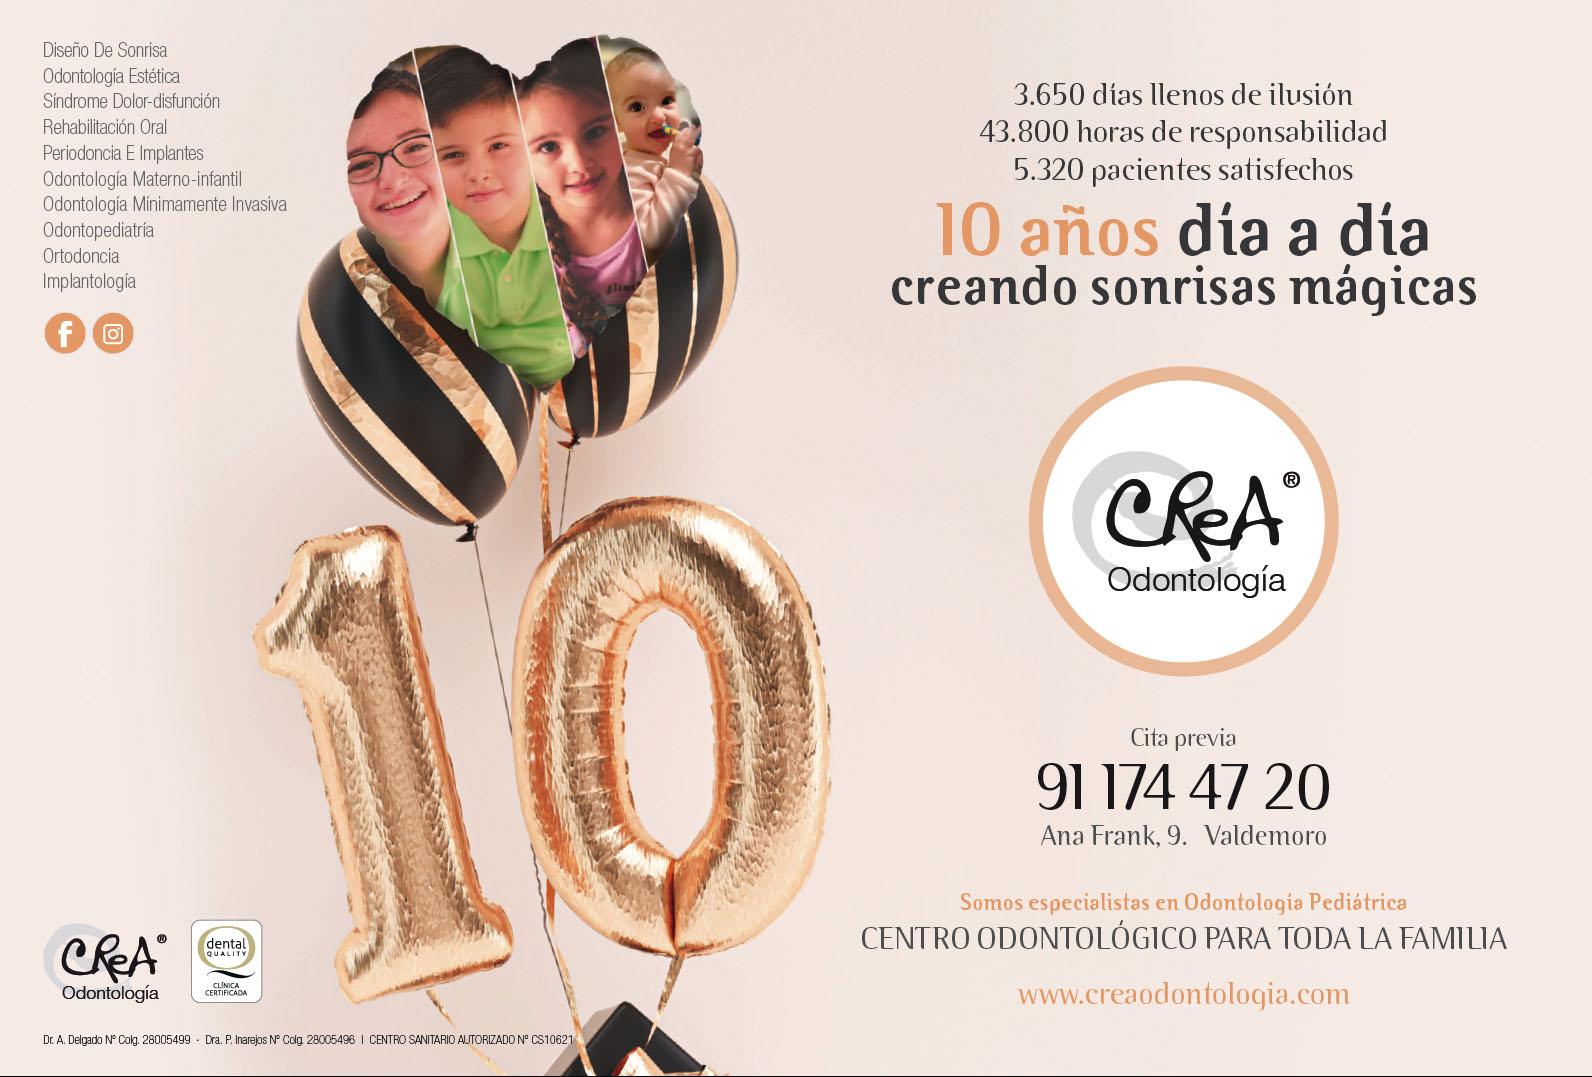 aniversario 10 de crea odontologia valdemoro